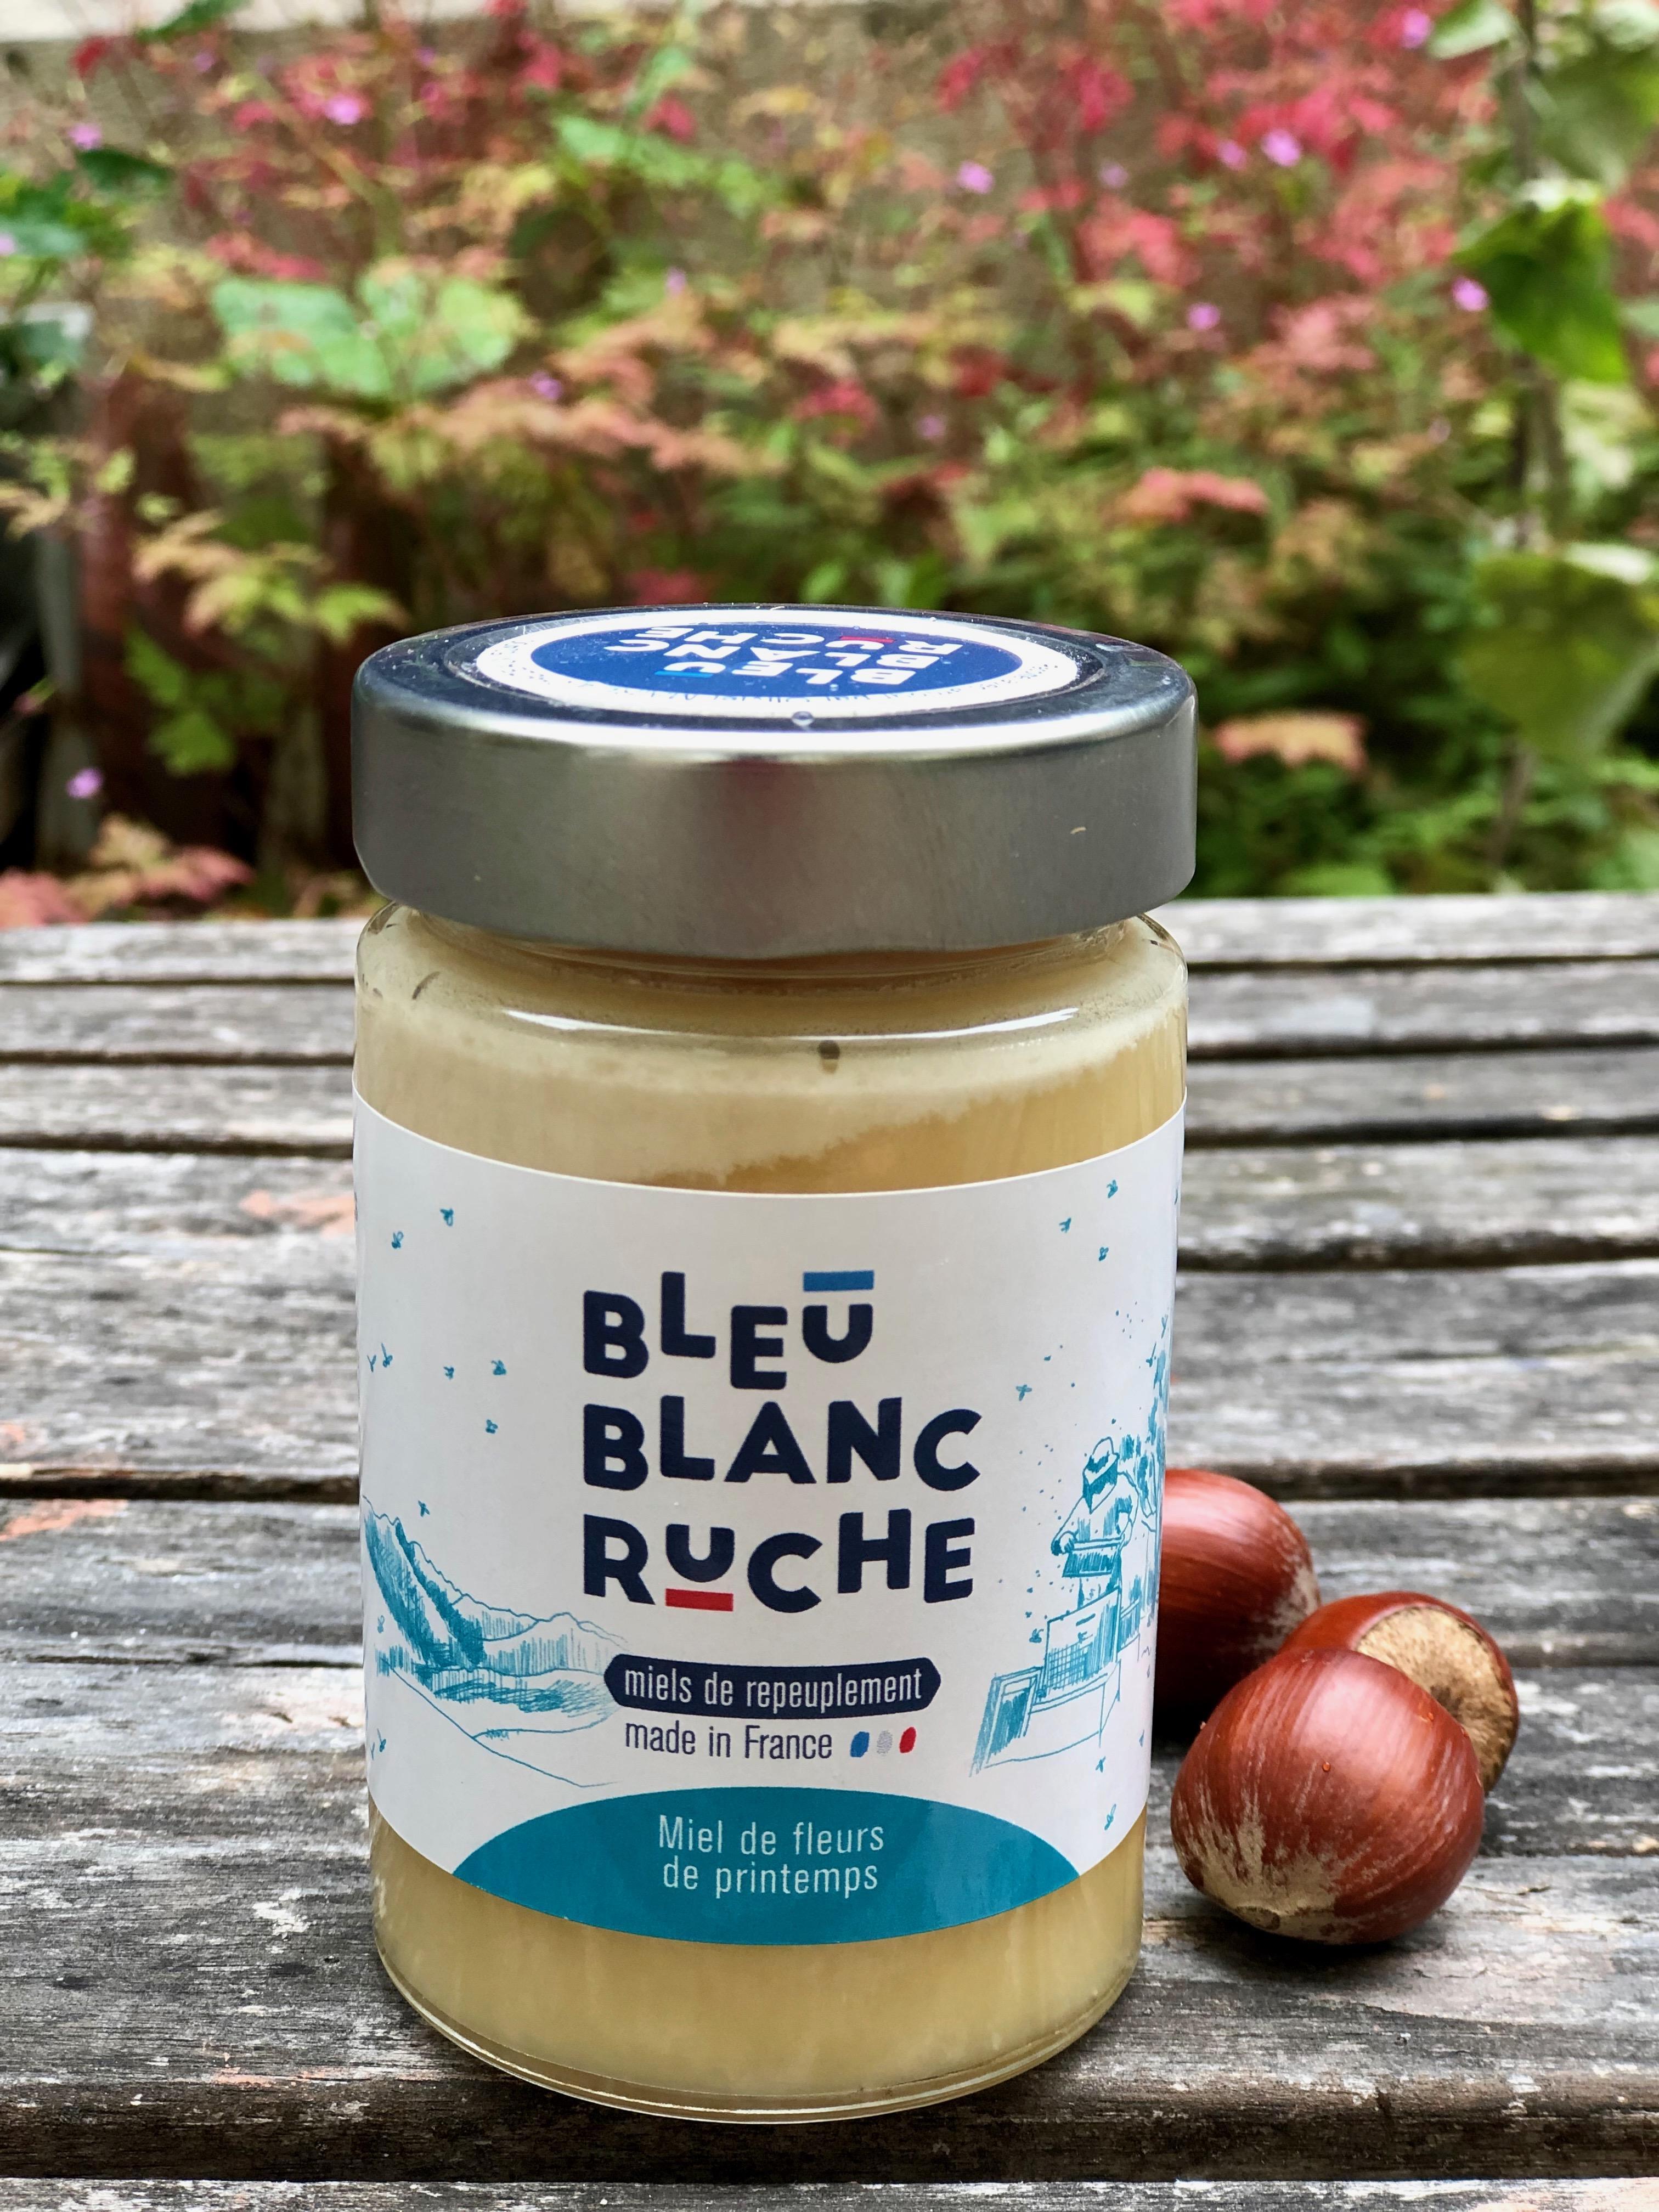 troc de troc *epuisé* miel de repeuplement bleu blanc ruche image 0